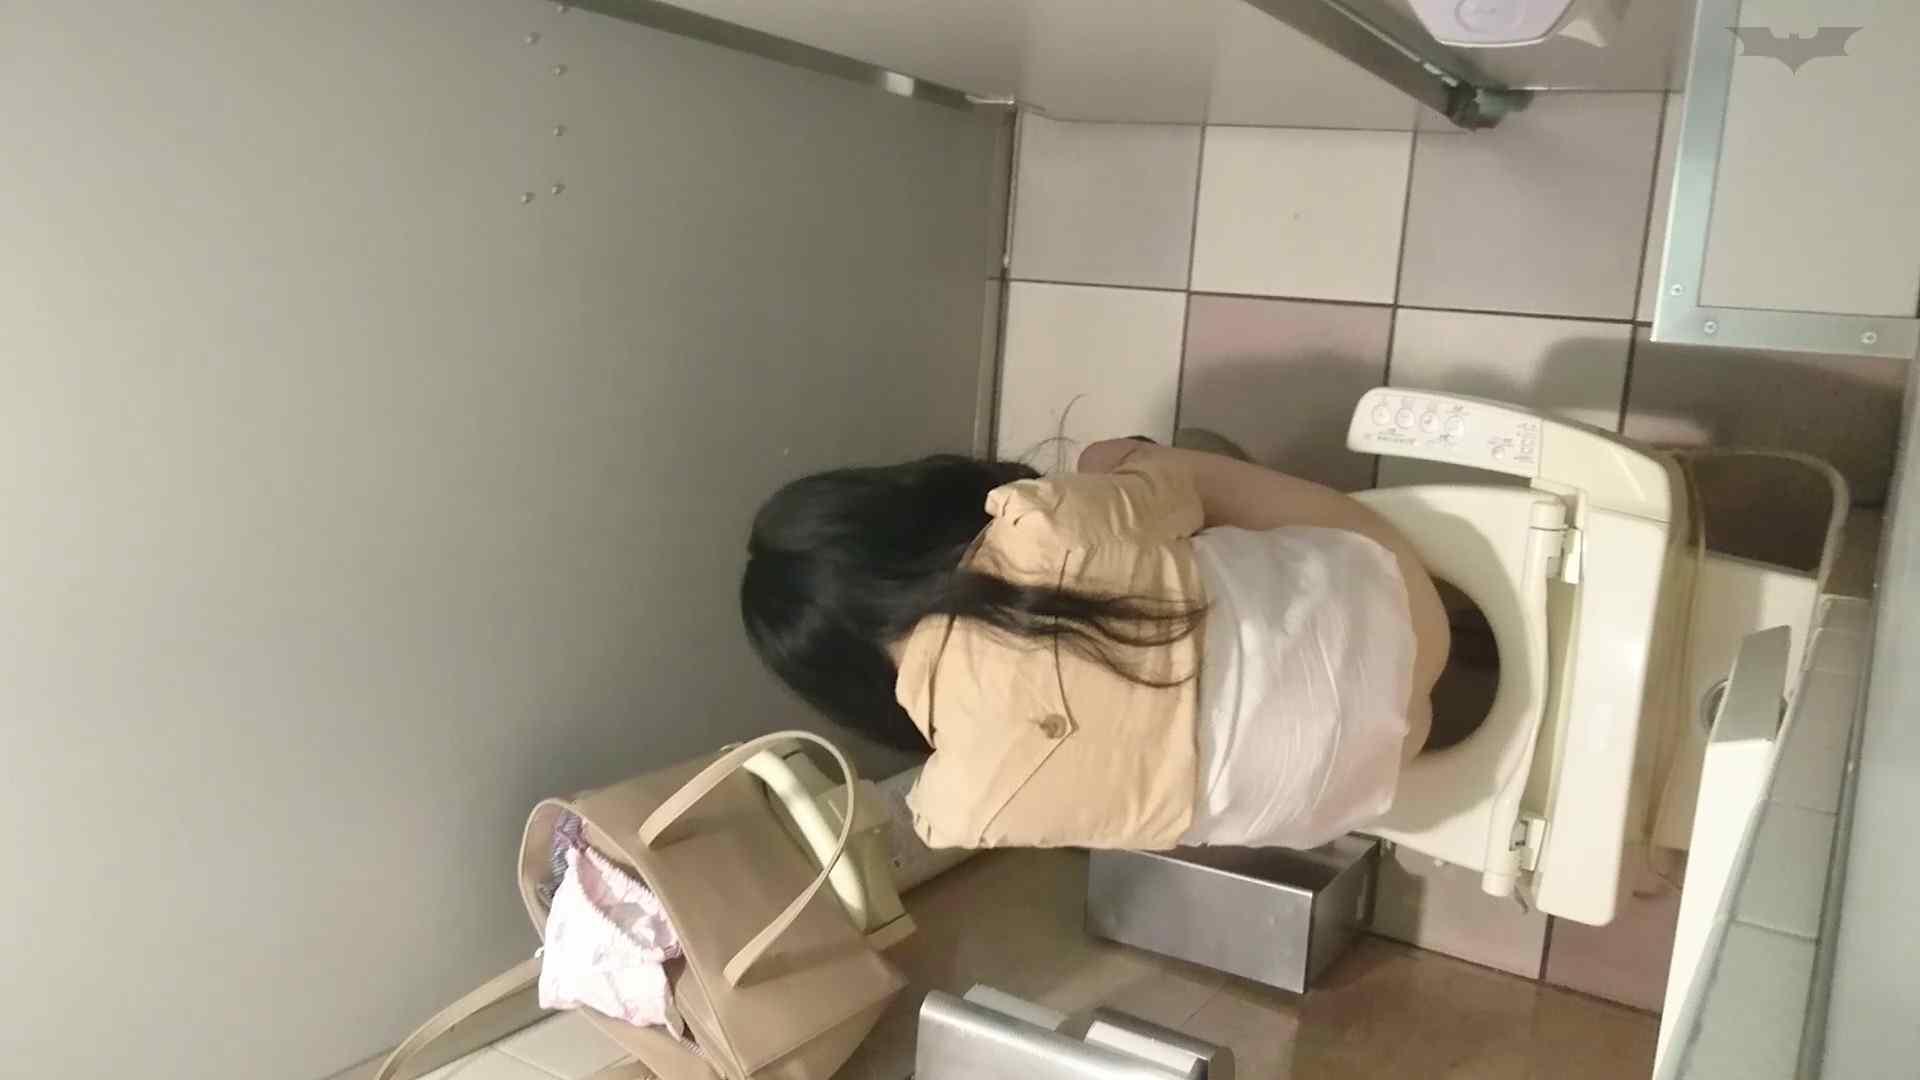 化粧室絵巻 ショッピングモール編 VOL.19 OL  93pic 47